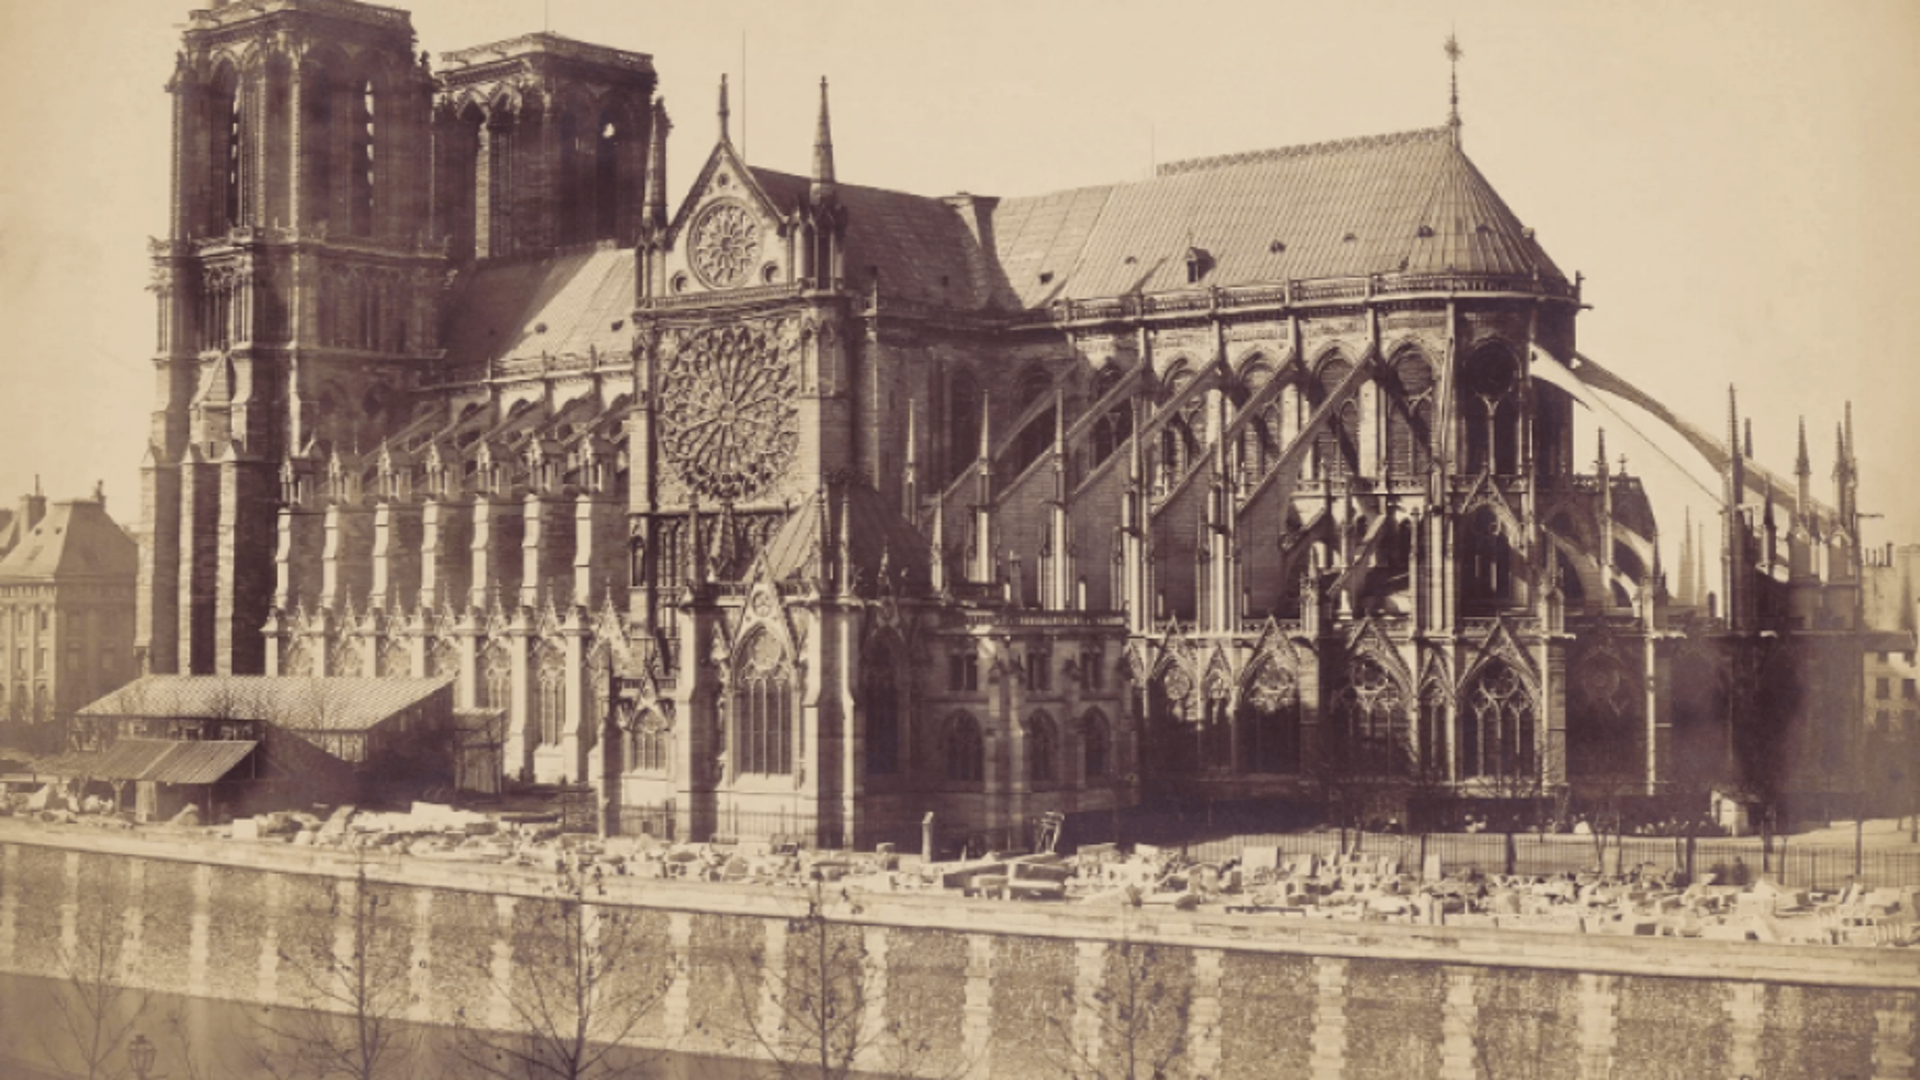 Une exposition consacrée à Notre-Dame de Paris